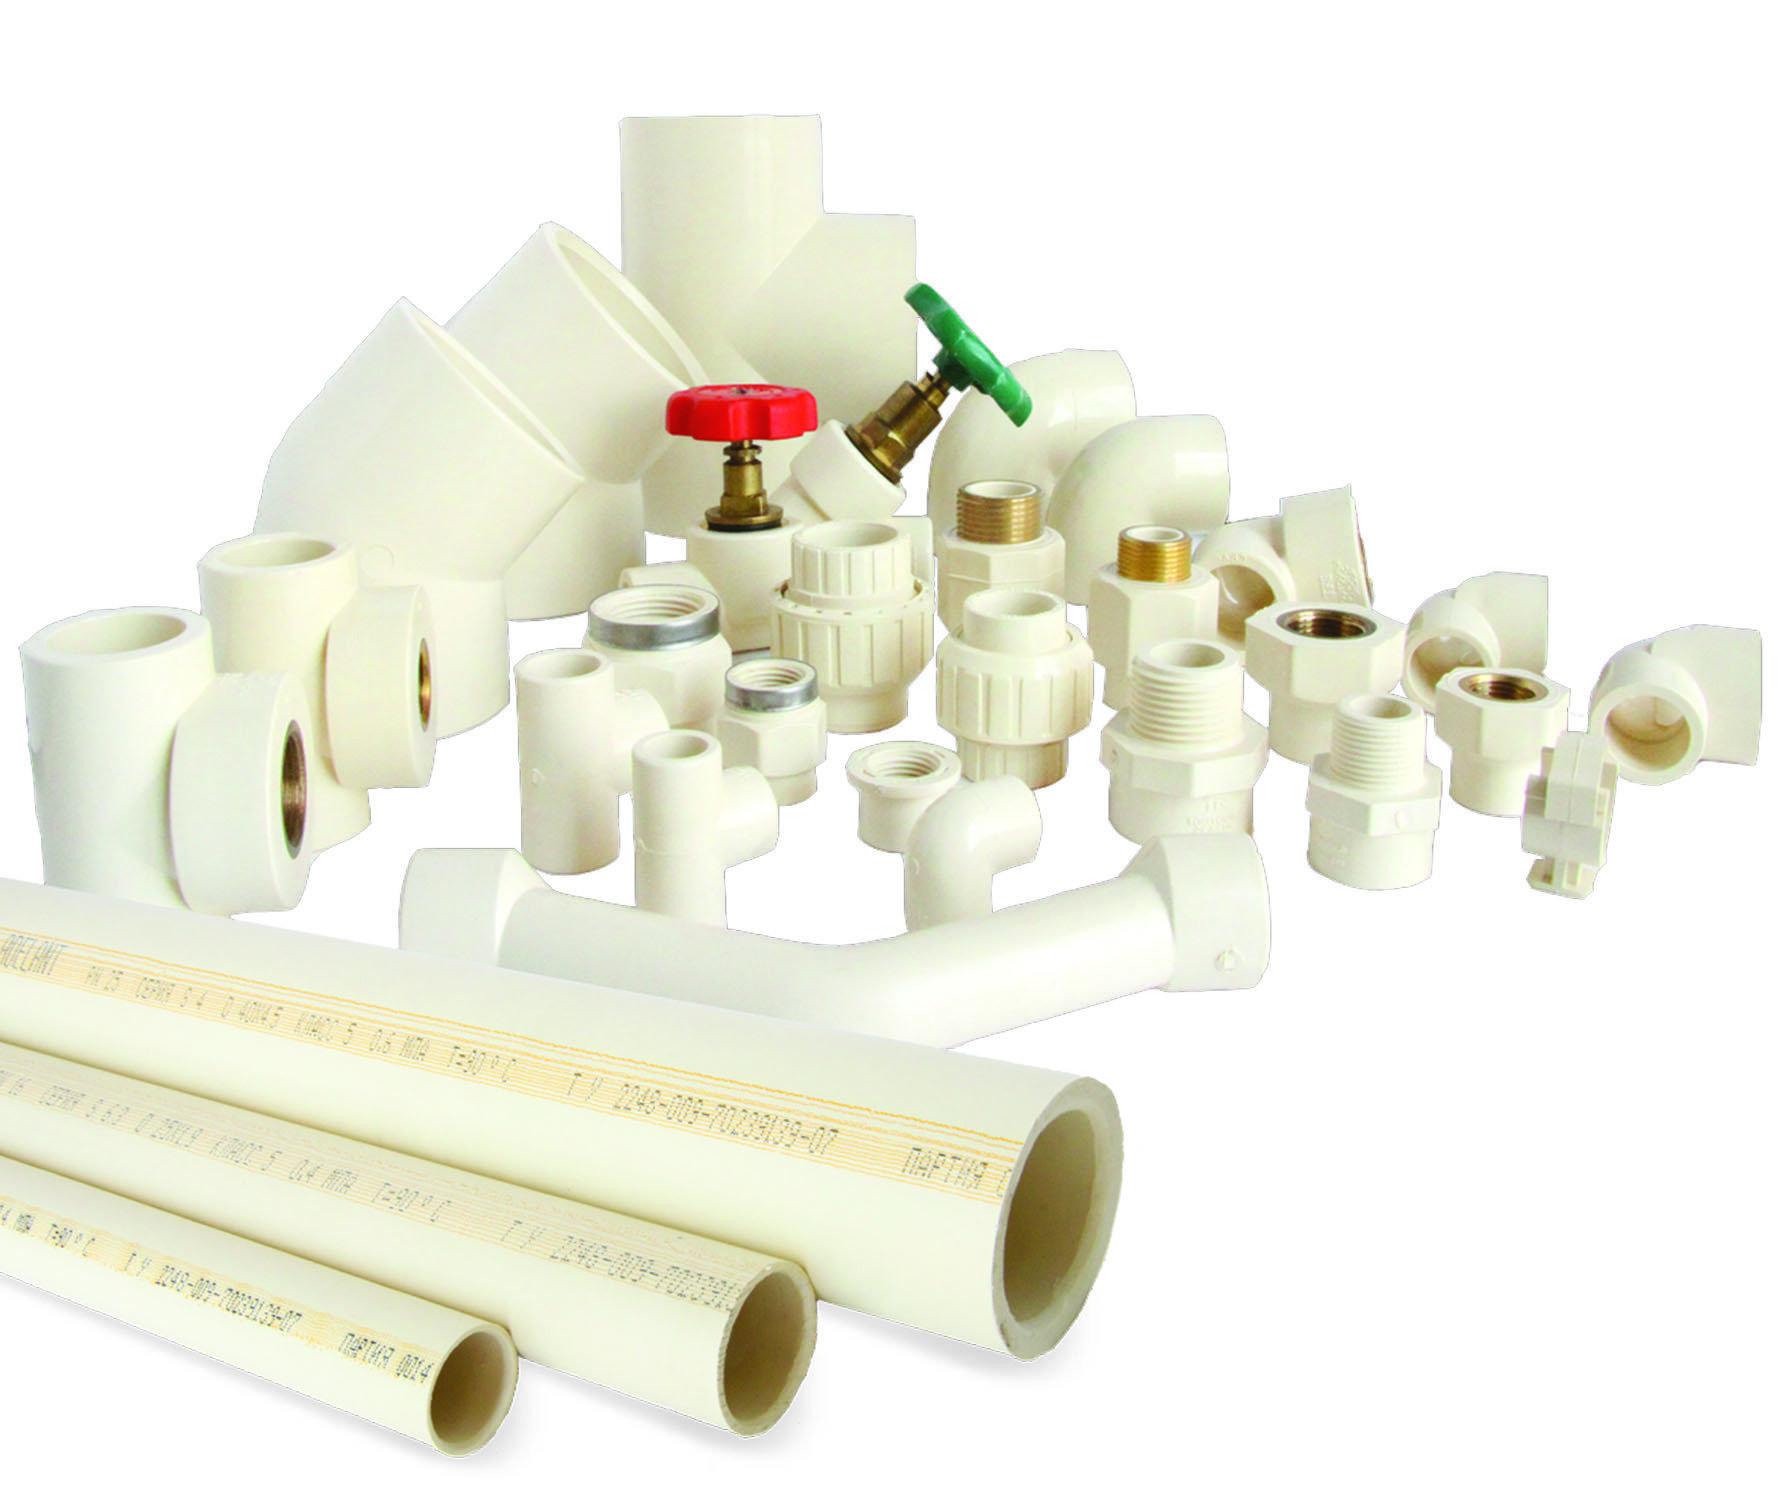 Пластиковых труб для водопровода и их виды